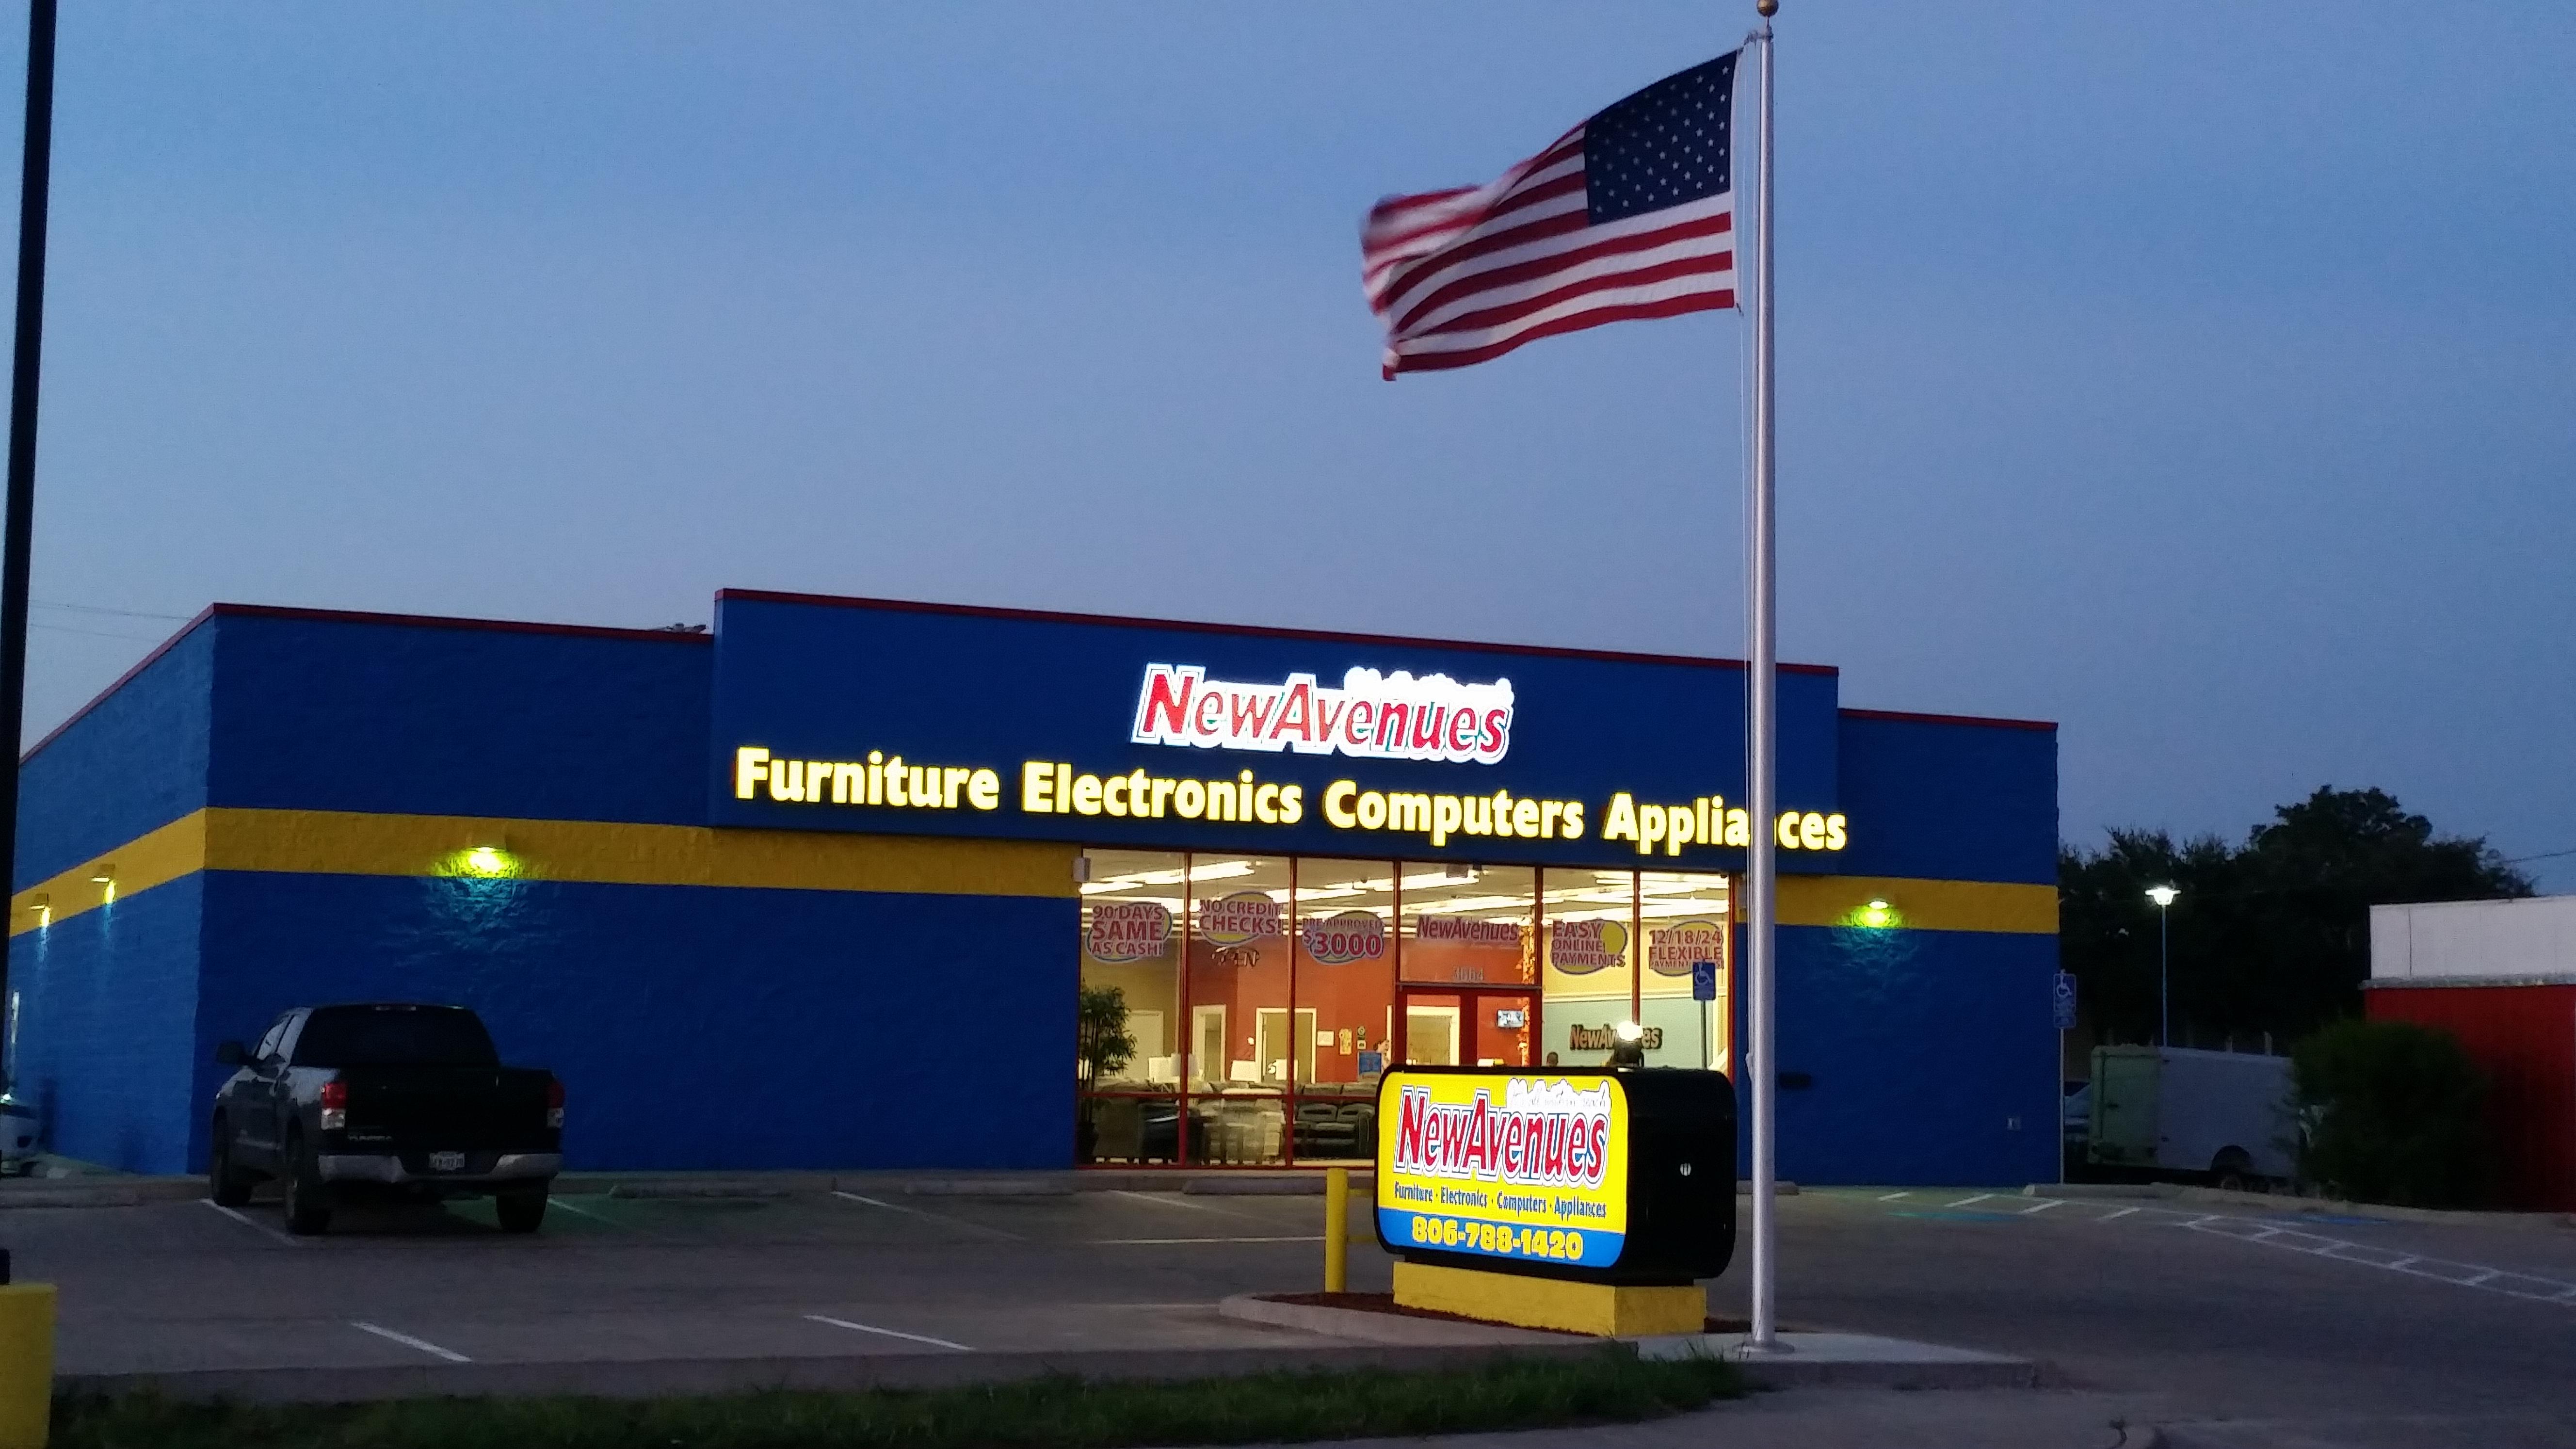 Furniture - Dealers - Retail in Lubbock, TX : Lubbock Texas Furniture - Dealers - Retail - iBegin